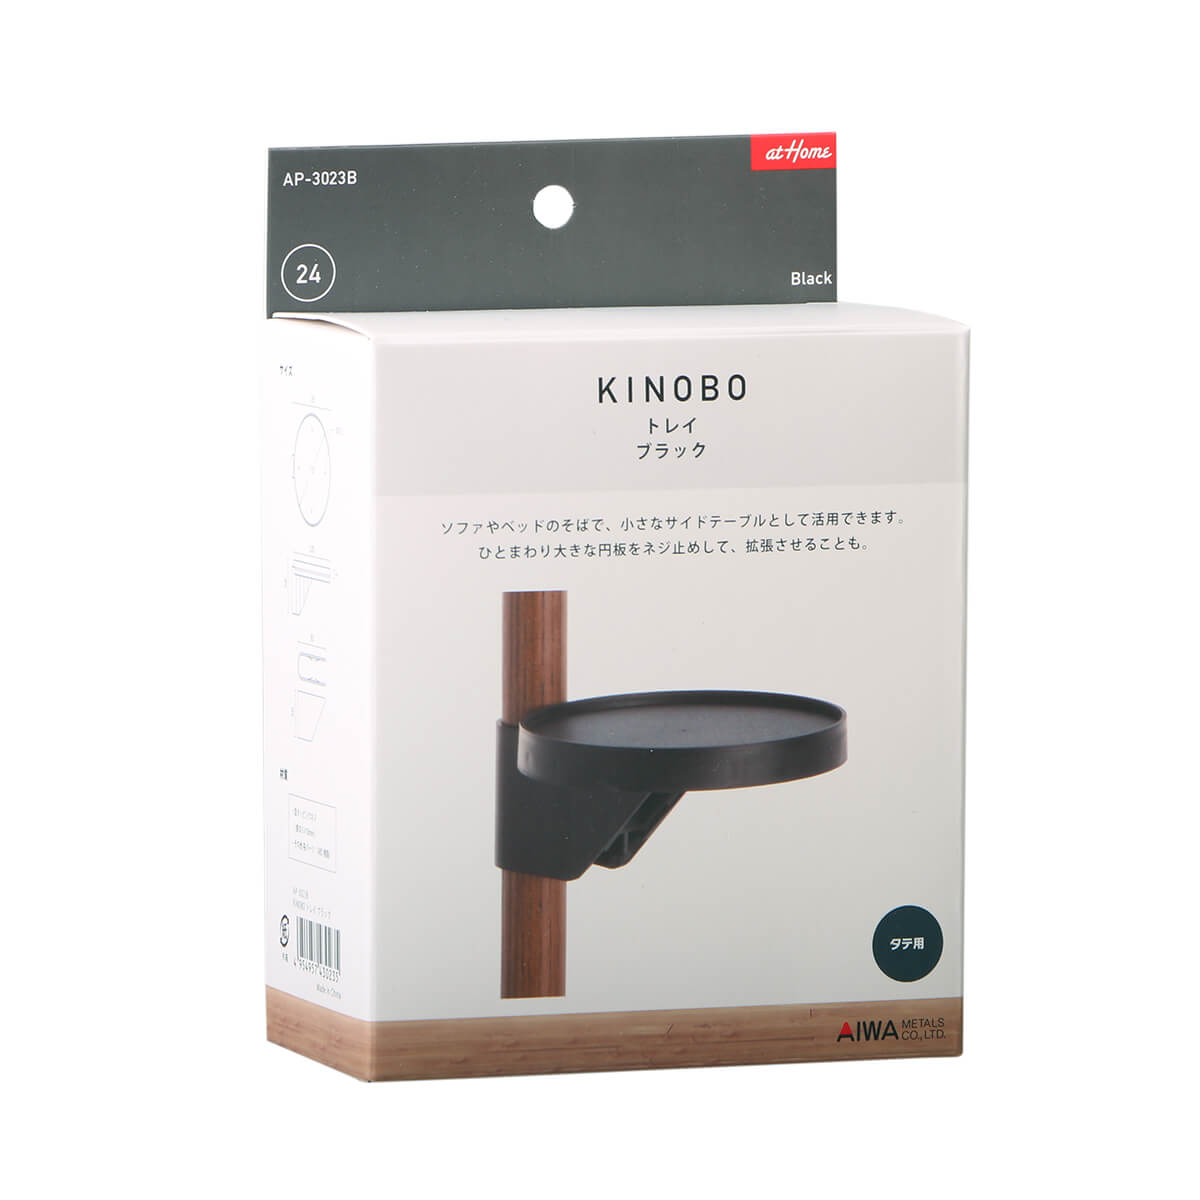 トレイ KINOBO専用 ブラック Φ24